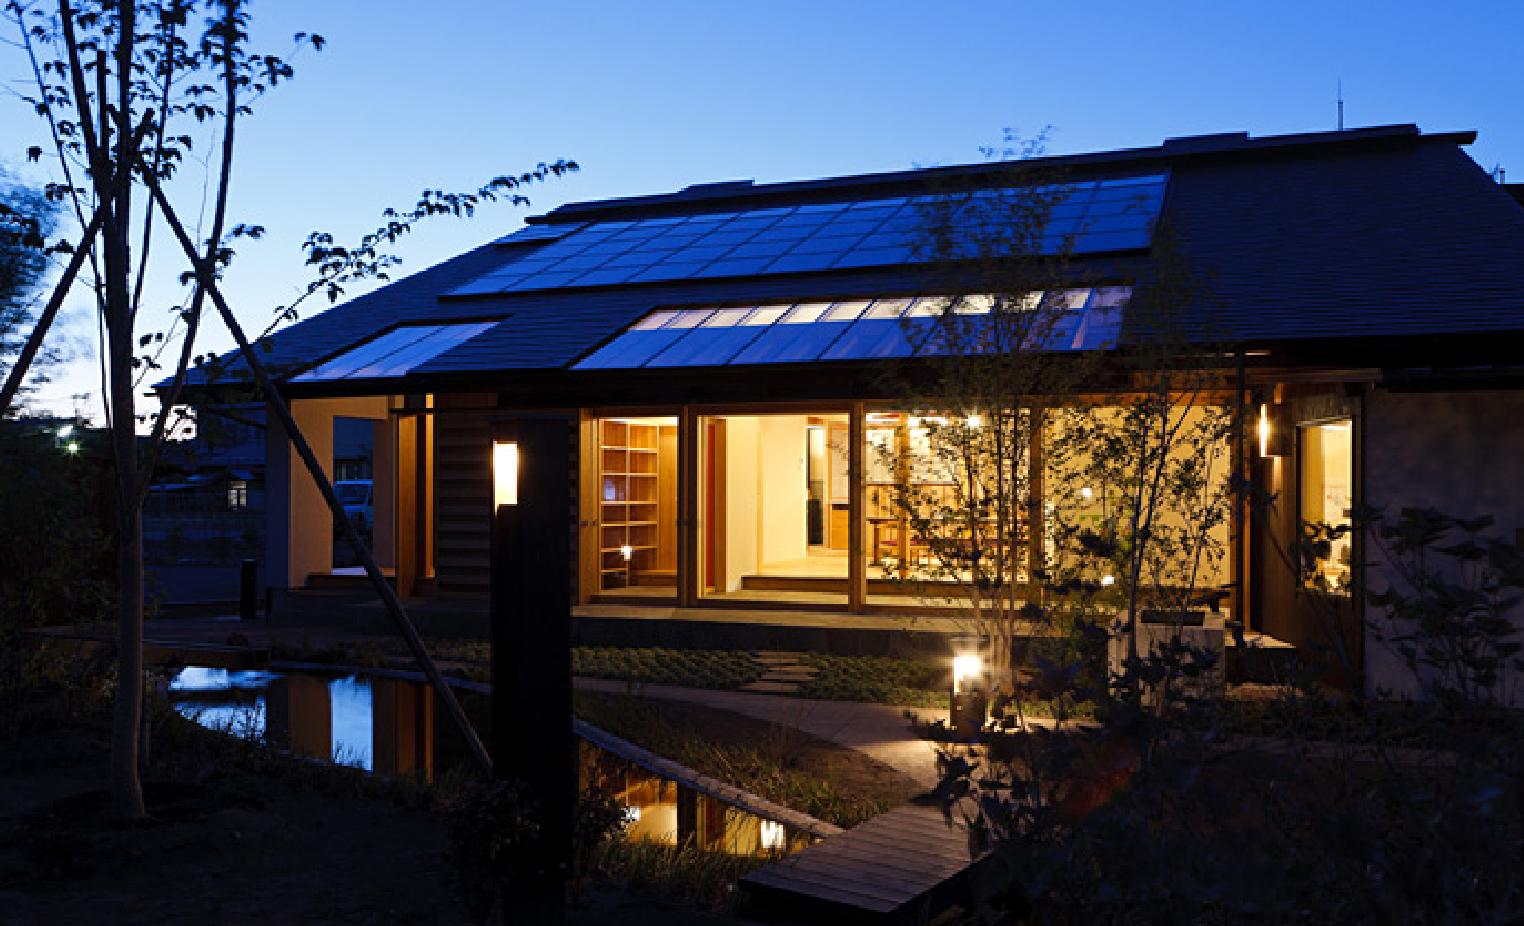 熱も電気も、太陽エネルギーを最大限に活用